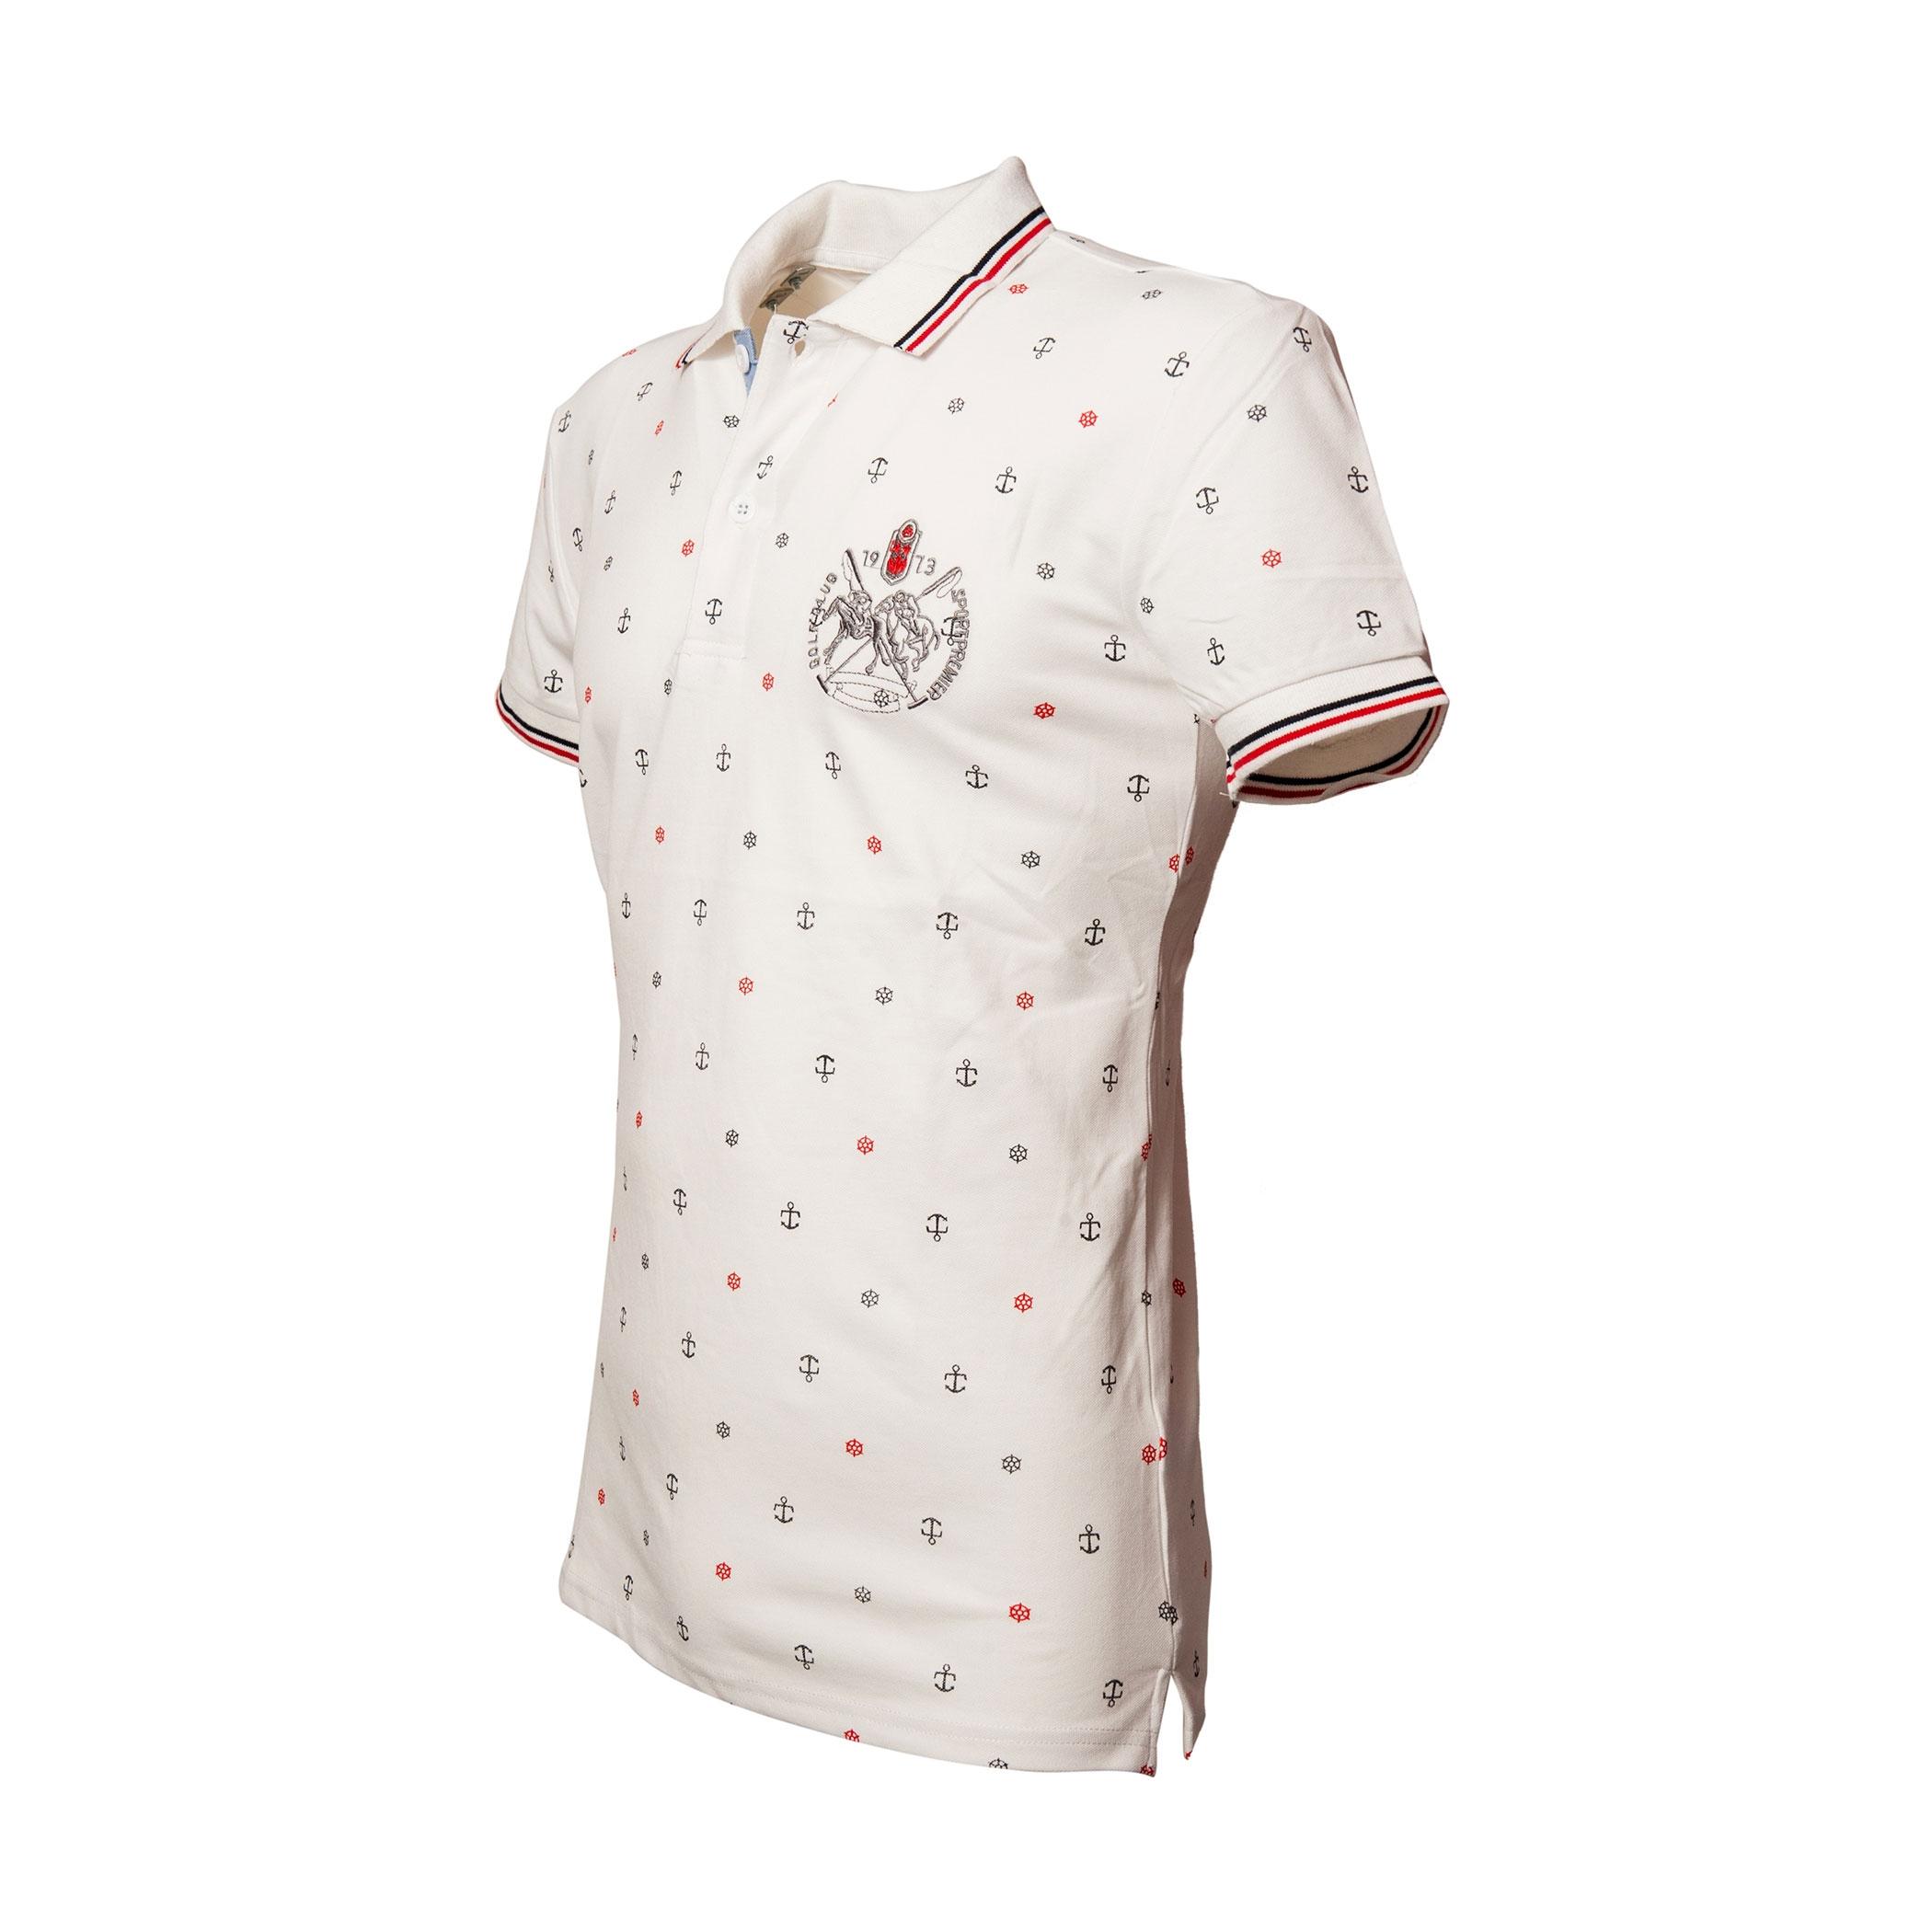 Polo-Uomo-Manica-Corta-Cotone-Casual-Maglietta-Slim-Fit-Maglia-Sportiva-T-shirt miniatura 15